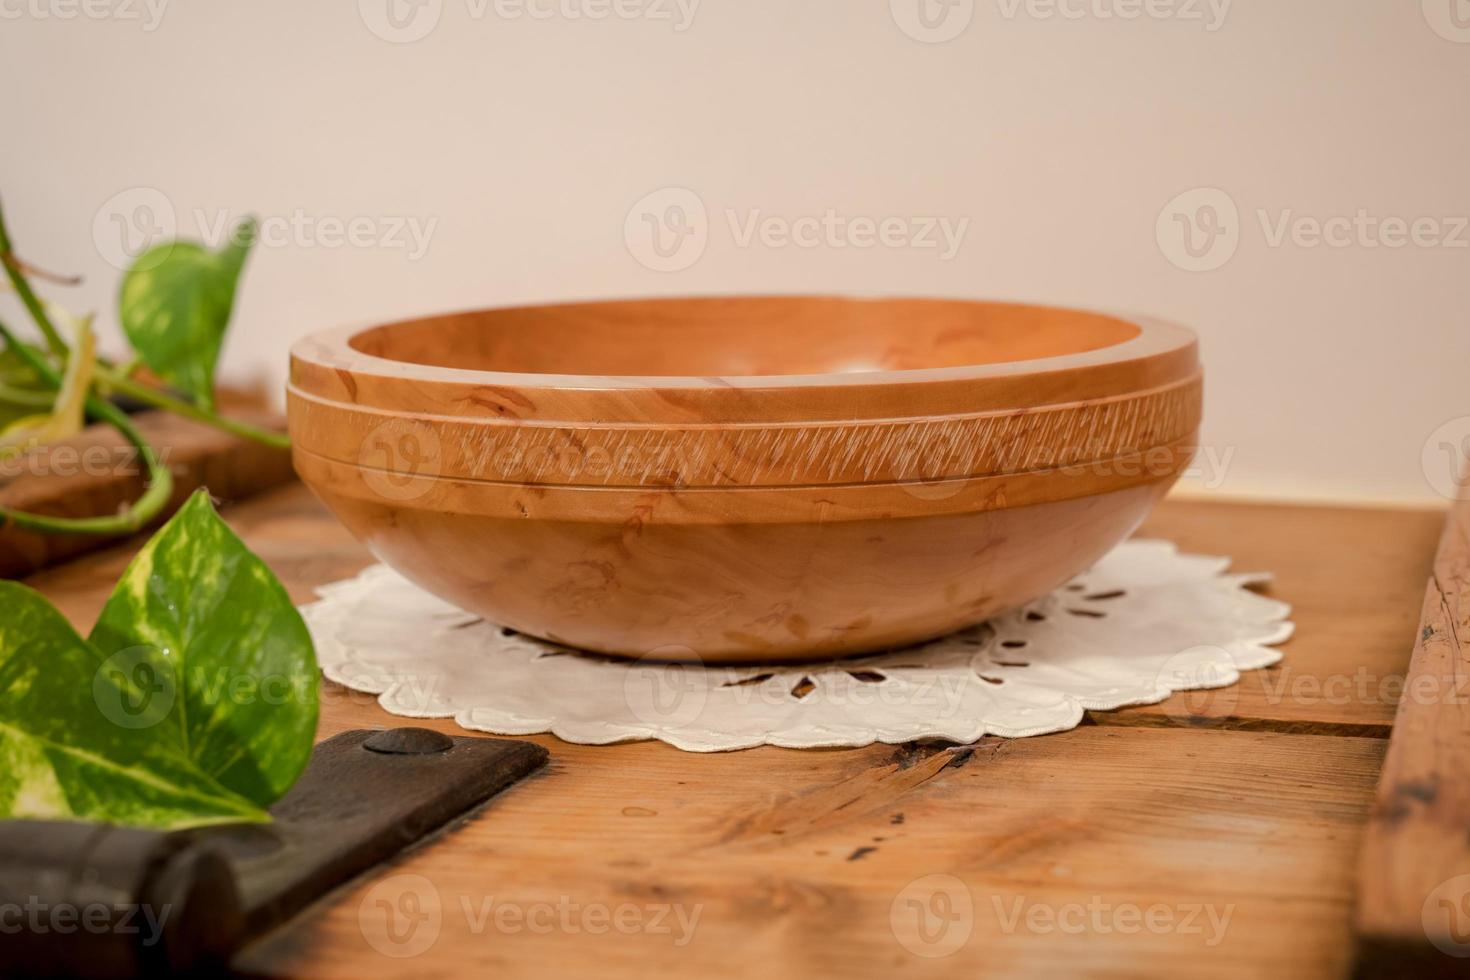 uma tigela de madeira torneada à mão feita de pereira clara com decoração toda redonda está em uma placa de madeira foto